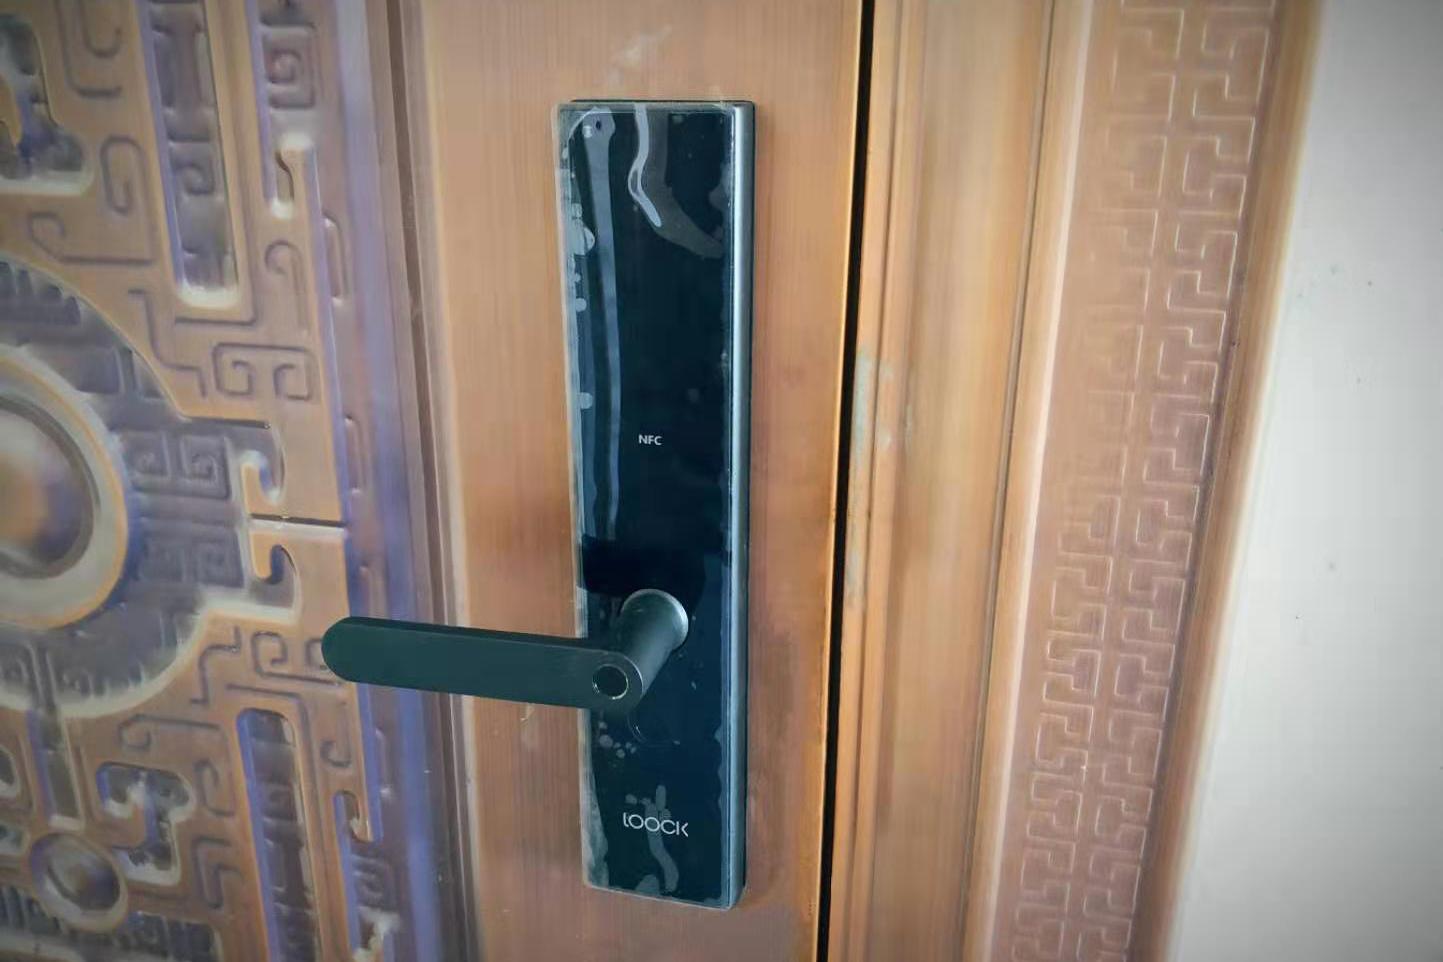 鹿客指纹锁Classic 2S,爆款传承自动上锁,给你安全的二次方